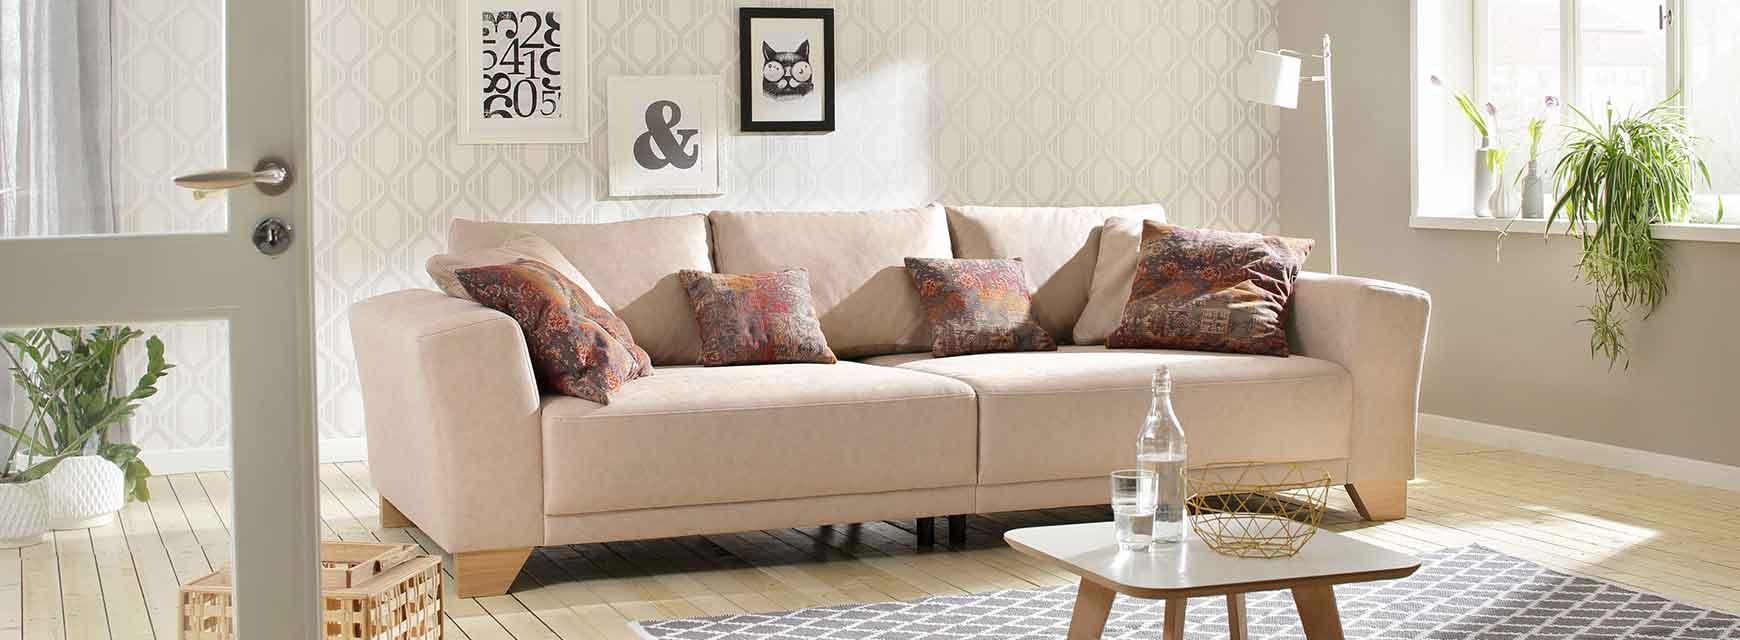 Full Size of Großes Sofa Mit Bettfunktion Landhausstil Landhaus Couch Online Kaufen Naturloftde In L Form Recamiere Reiniger Barock 2 Sitzer Bett Schubladen Garnitur Wohnzimmer Großes Sofa Mit Bettfunktion